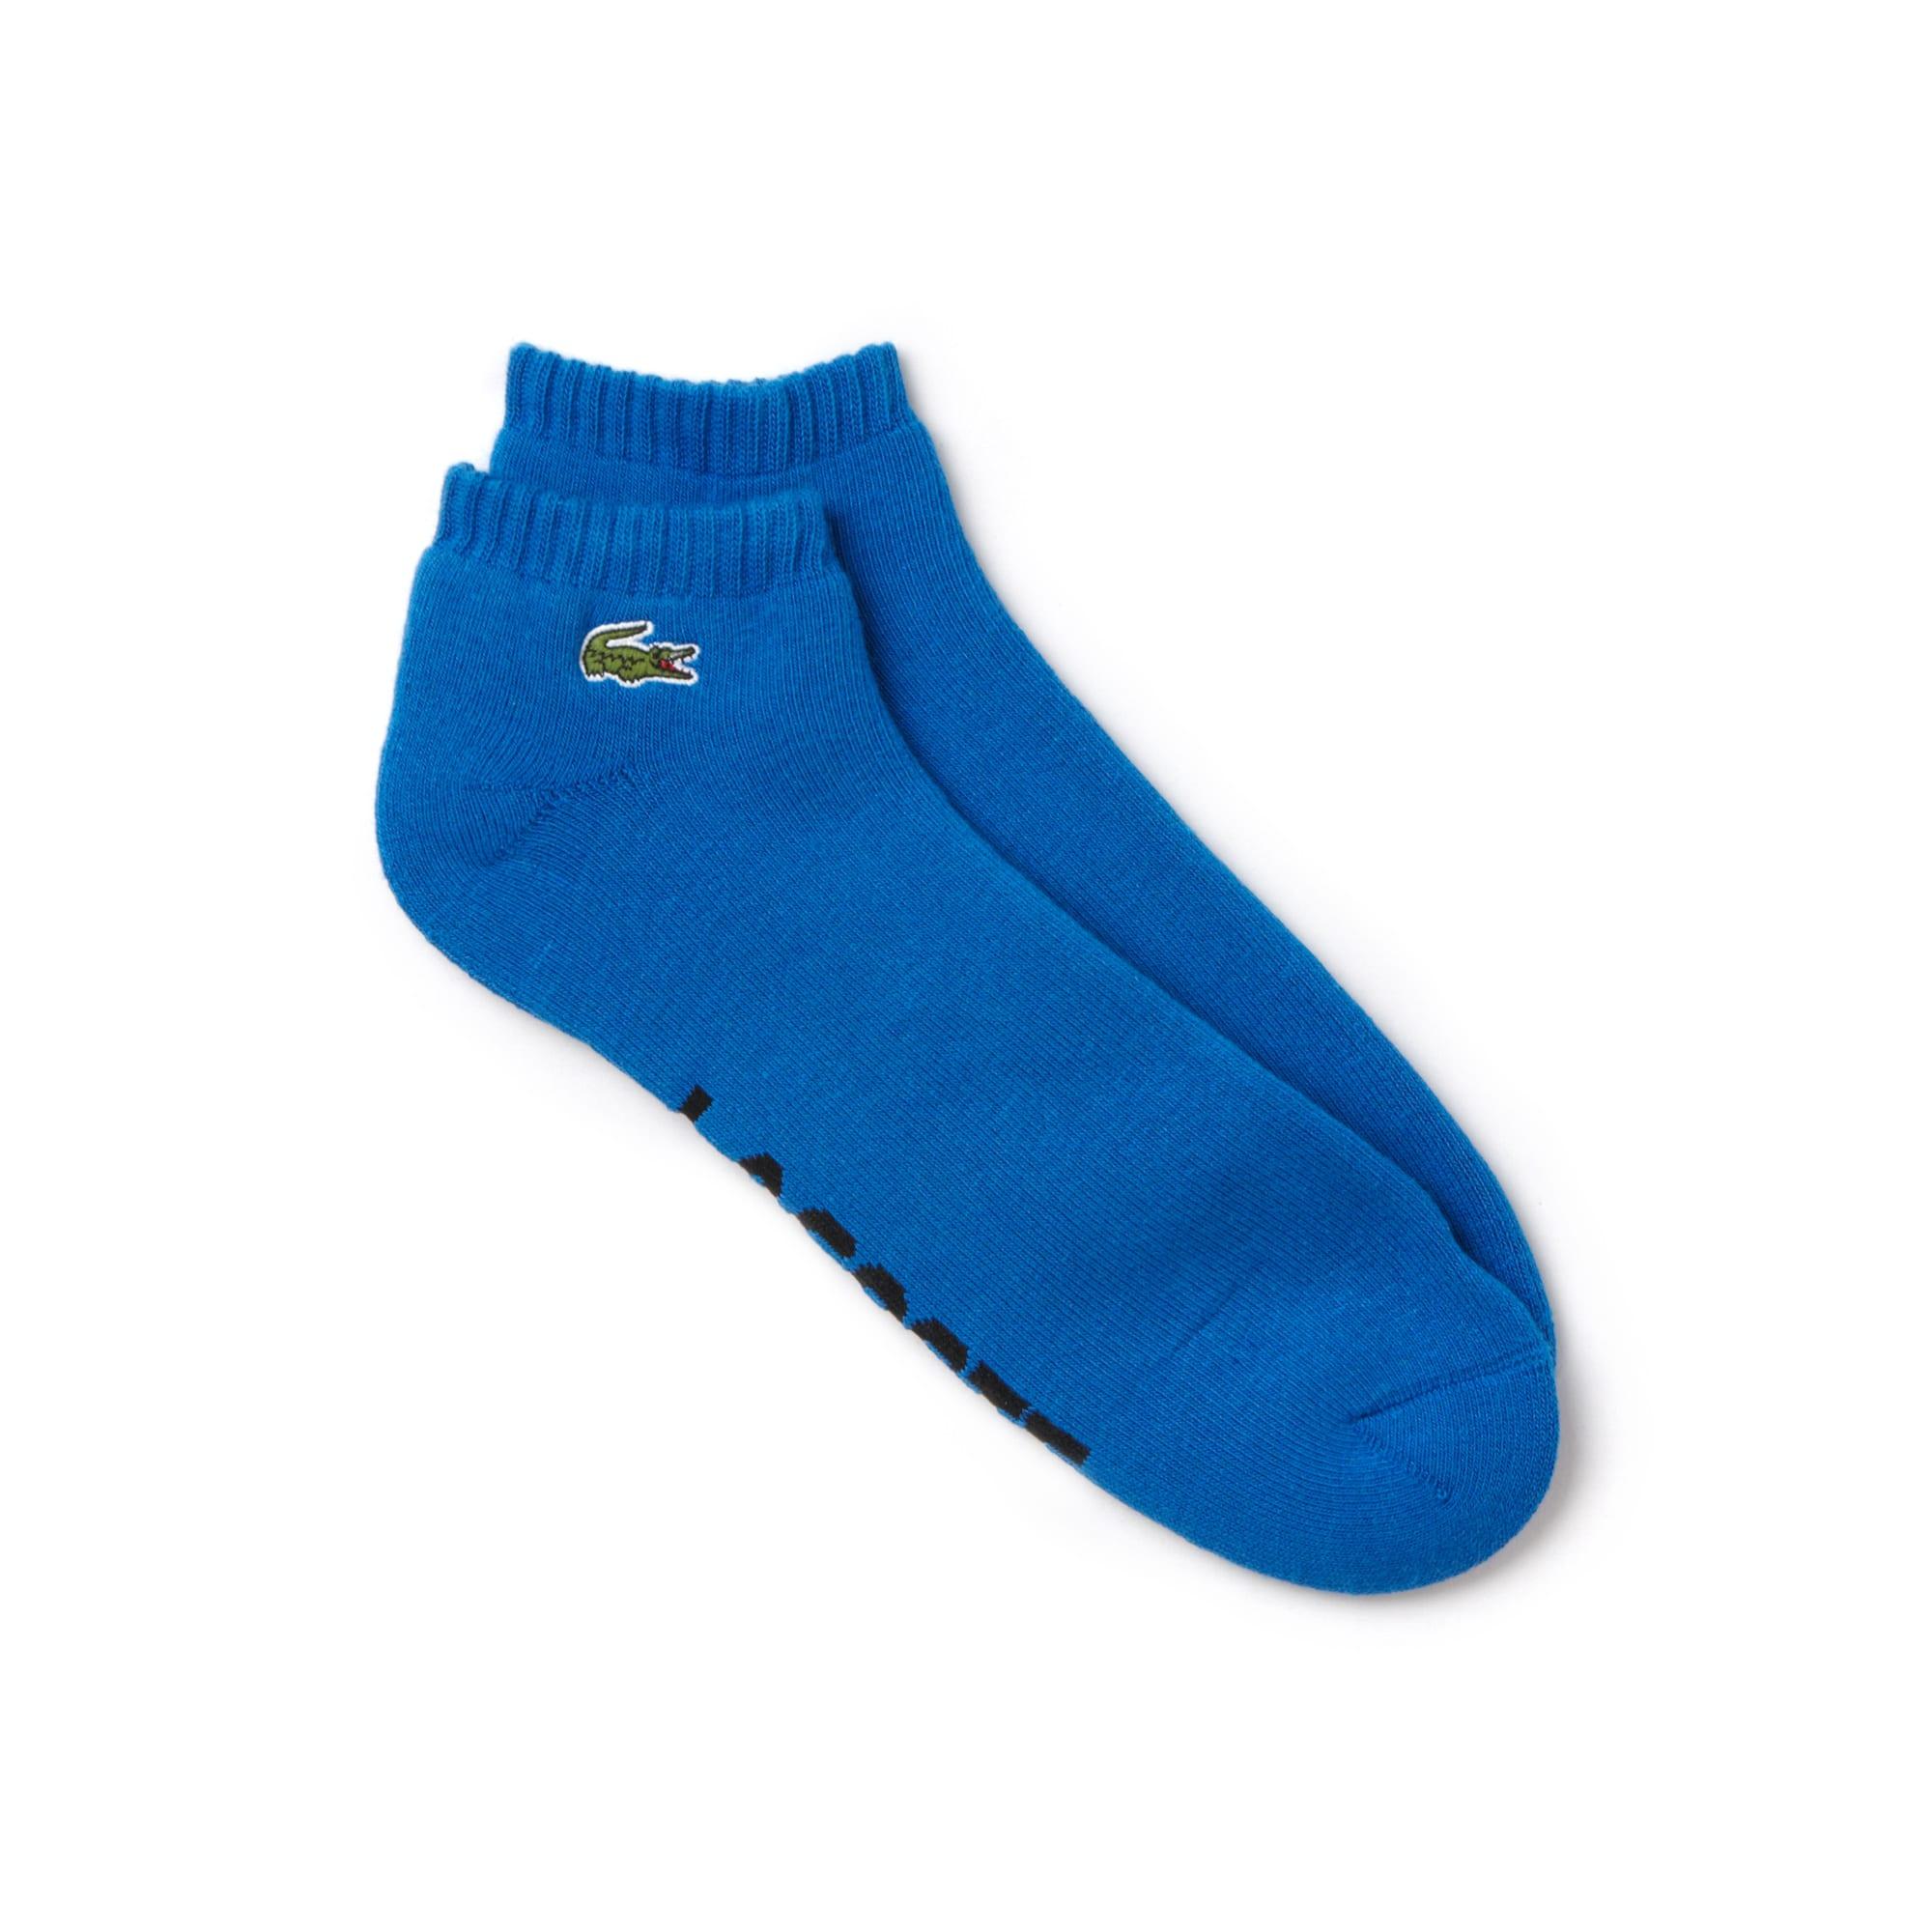 Men's Lacoste SPORT low-cut socks in solid bouclé jersey